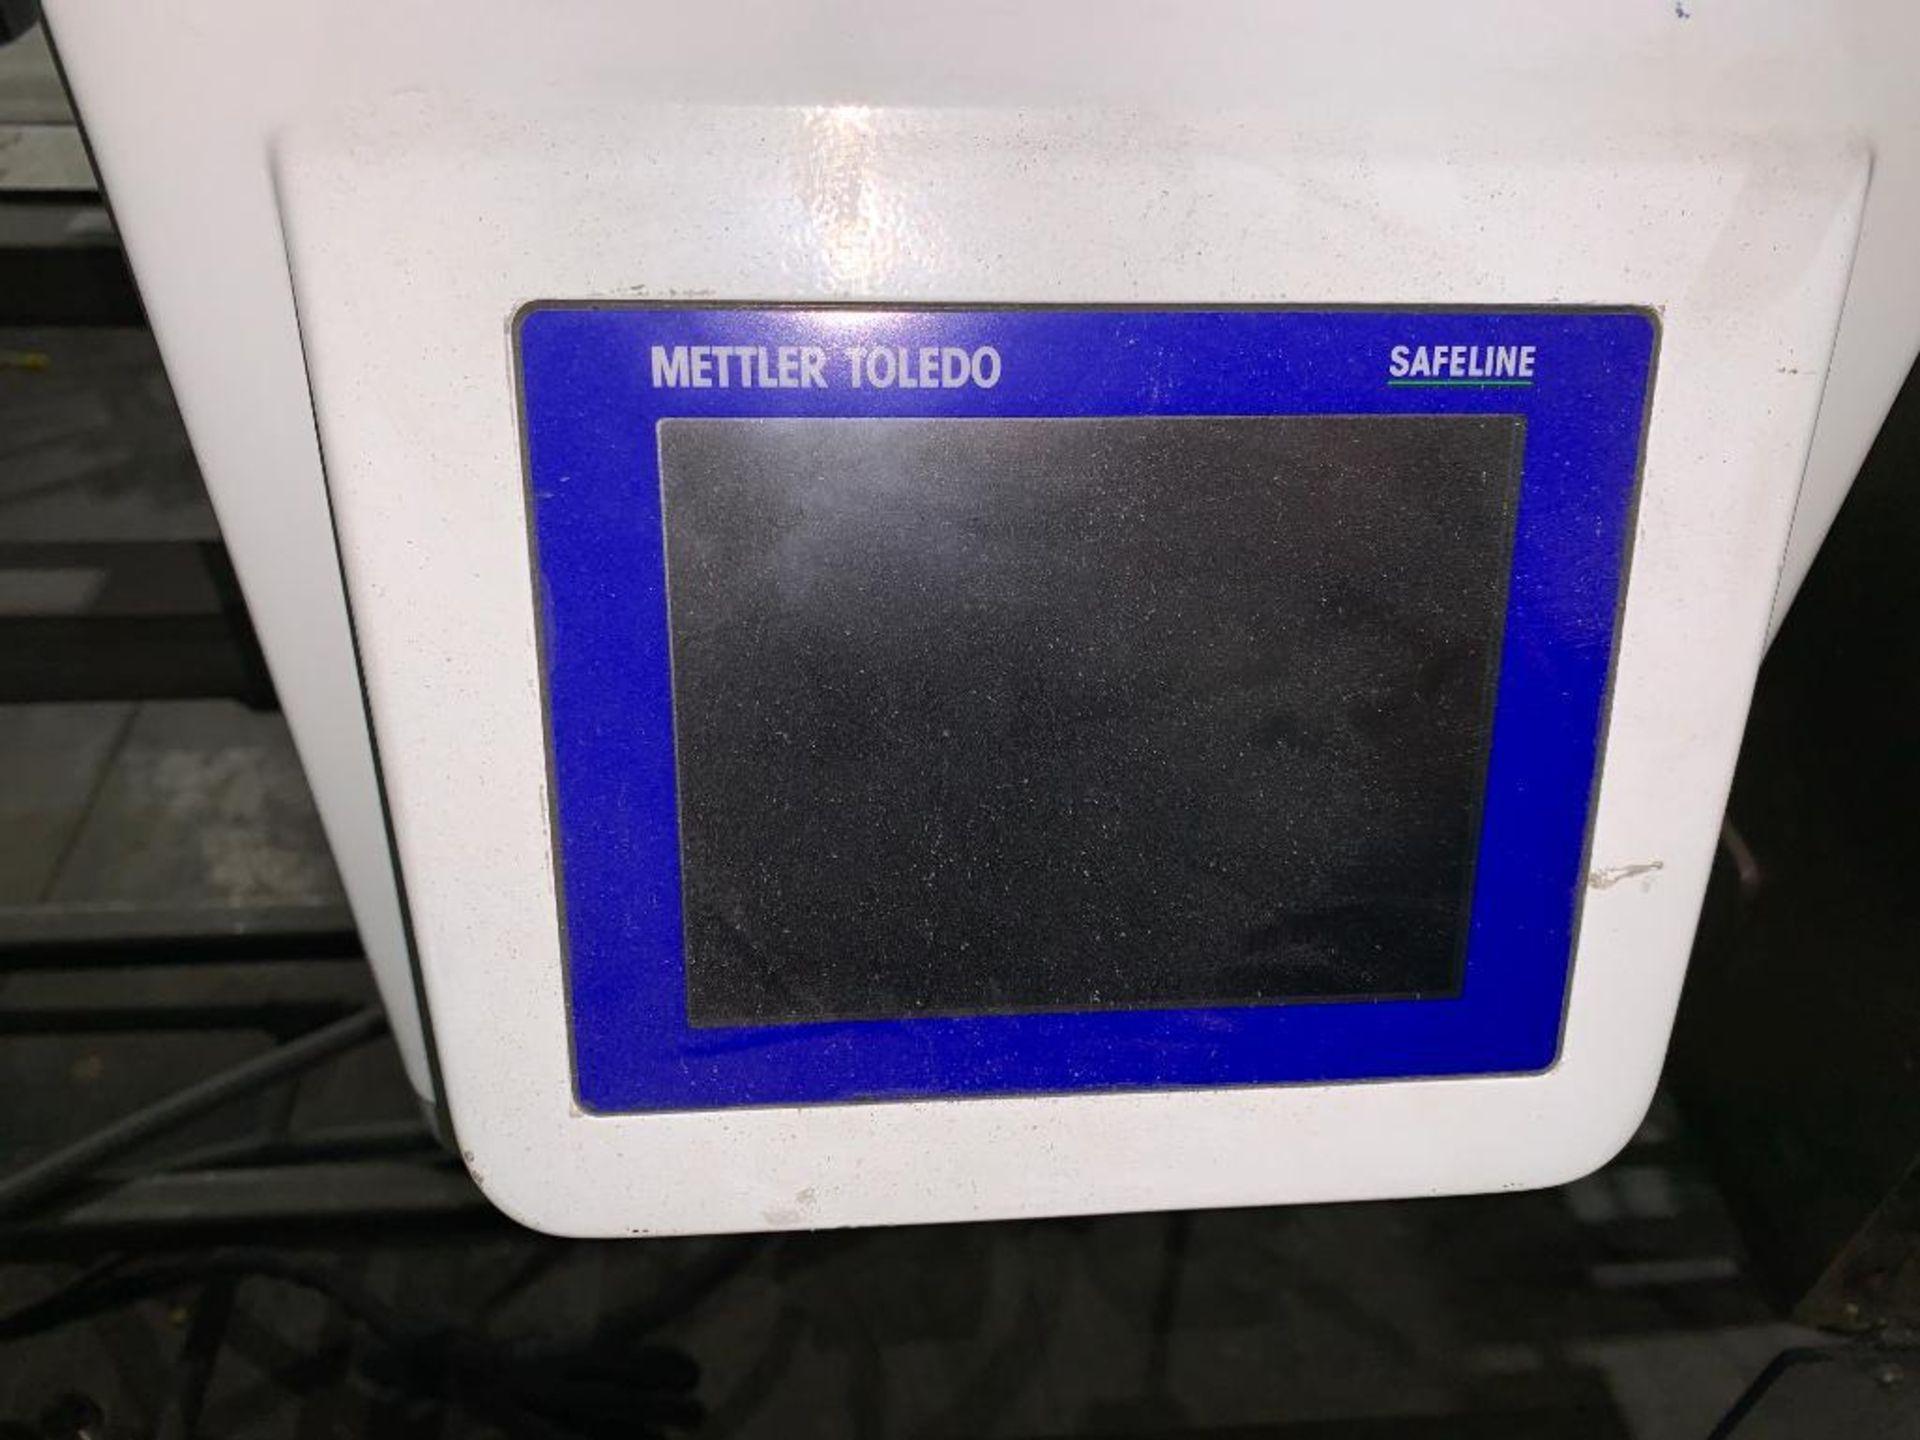 Mettler Toledo metal detector - Image 14 of 24